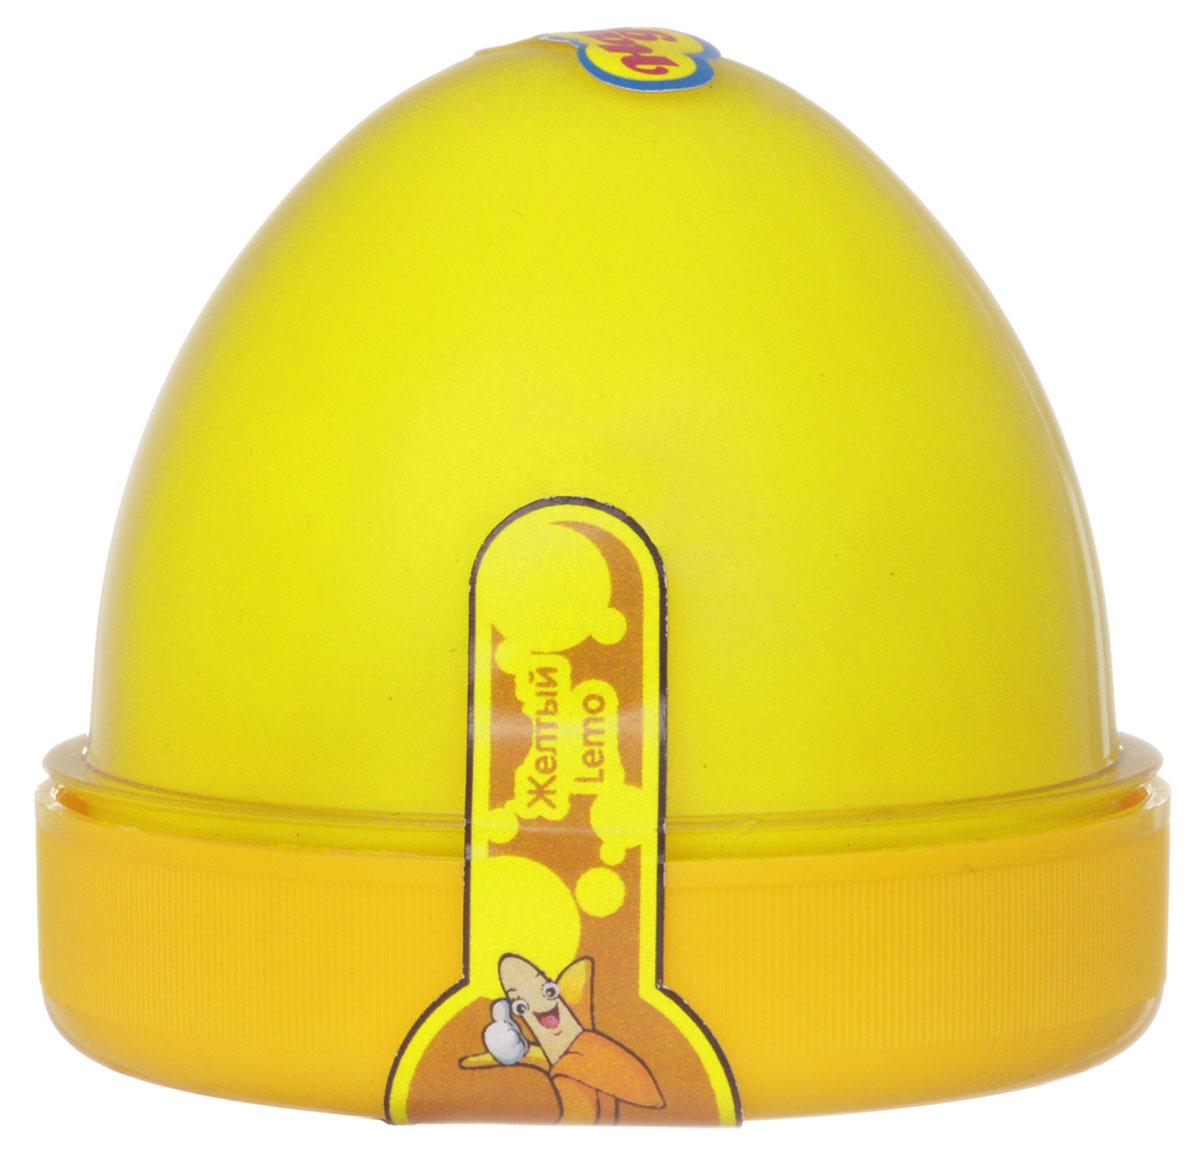 Жвачка для рук ТМ HandGum, цвет: желтый, с запахом банана, 70 г10246Жвачка для рук Hand Gum желтого цвета с запахом дыни подарит вам позитив и хорошие эмоции. Она радует глаз и дарит нежные тактильные ощущения, способствуя хорошему настроению. Жвачка для рук изготовлена из упругого, пластичного и приятного на ощупь материала, ее можно растягивать, как резину, а если сильно дернуть, то можно порвать. Из нее отлично получаются скульптуры, которые живут считанные минуты, постепенно превращаясь в лужи. Прилепите ее на дверную ручку - и он капнет, скатайте шарик и ударьте об пол - он подпрыгнет. Кубик, кстати, тоже подпрыгнет, но совсем не туда, куда ожидается. Характеристики: Цвет: желтый. Вес: 70 г. Размер упаковки: 5,5 см х 6 см х 6 см.